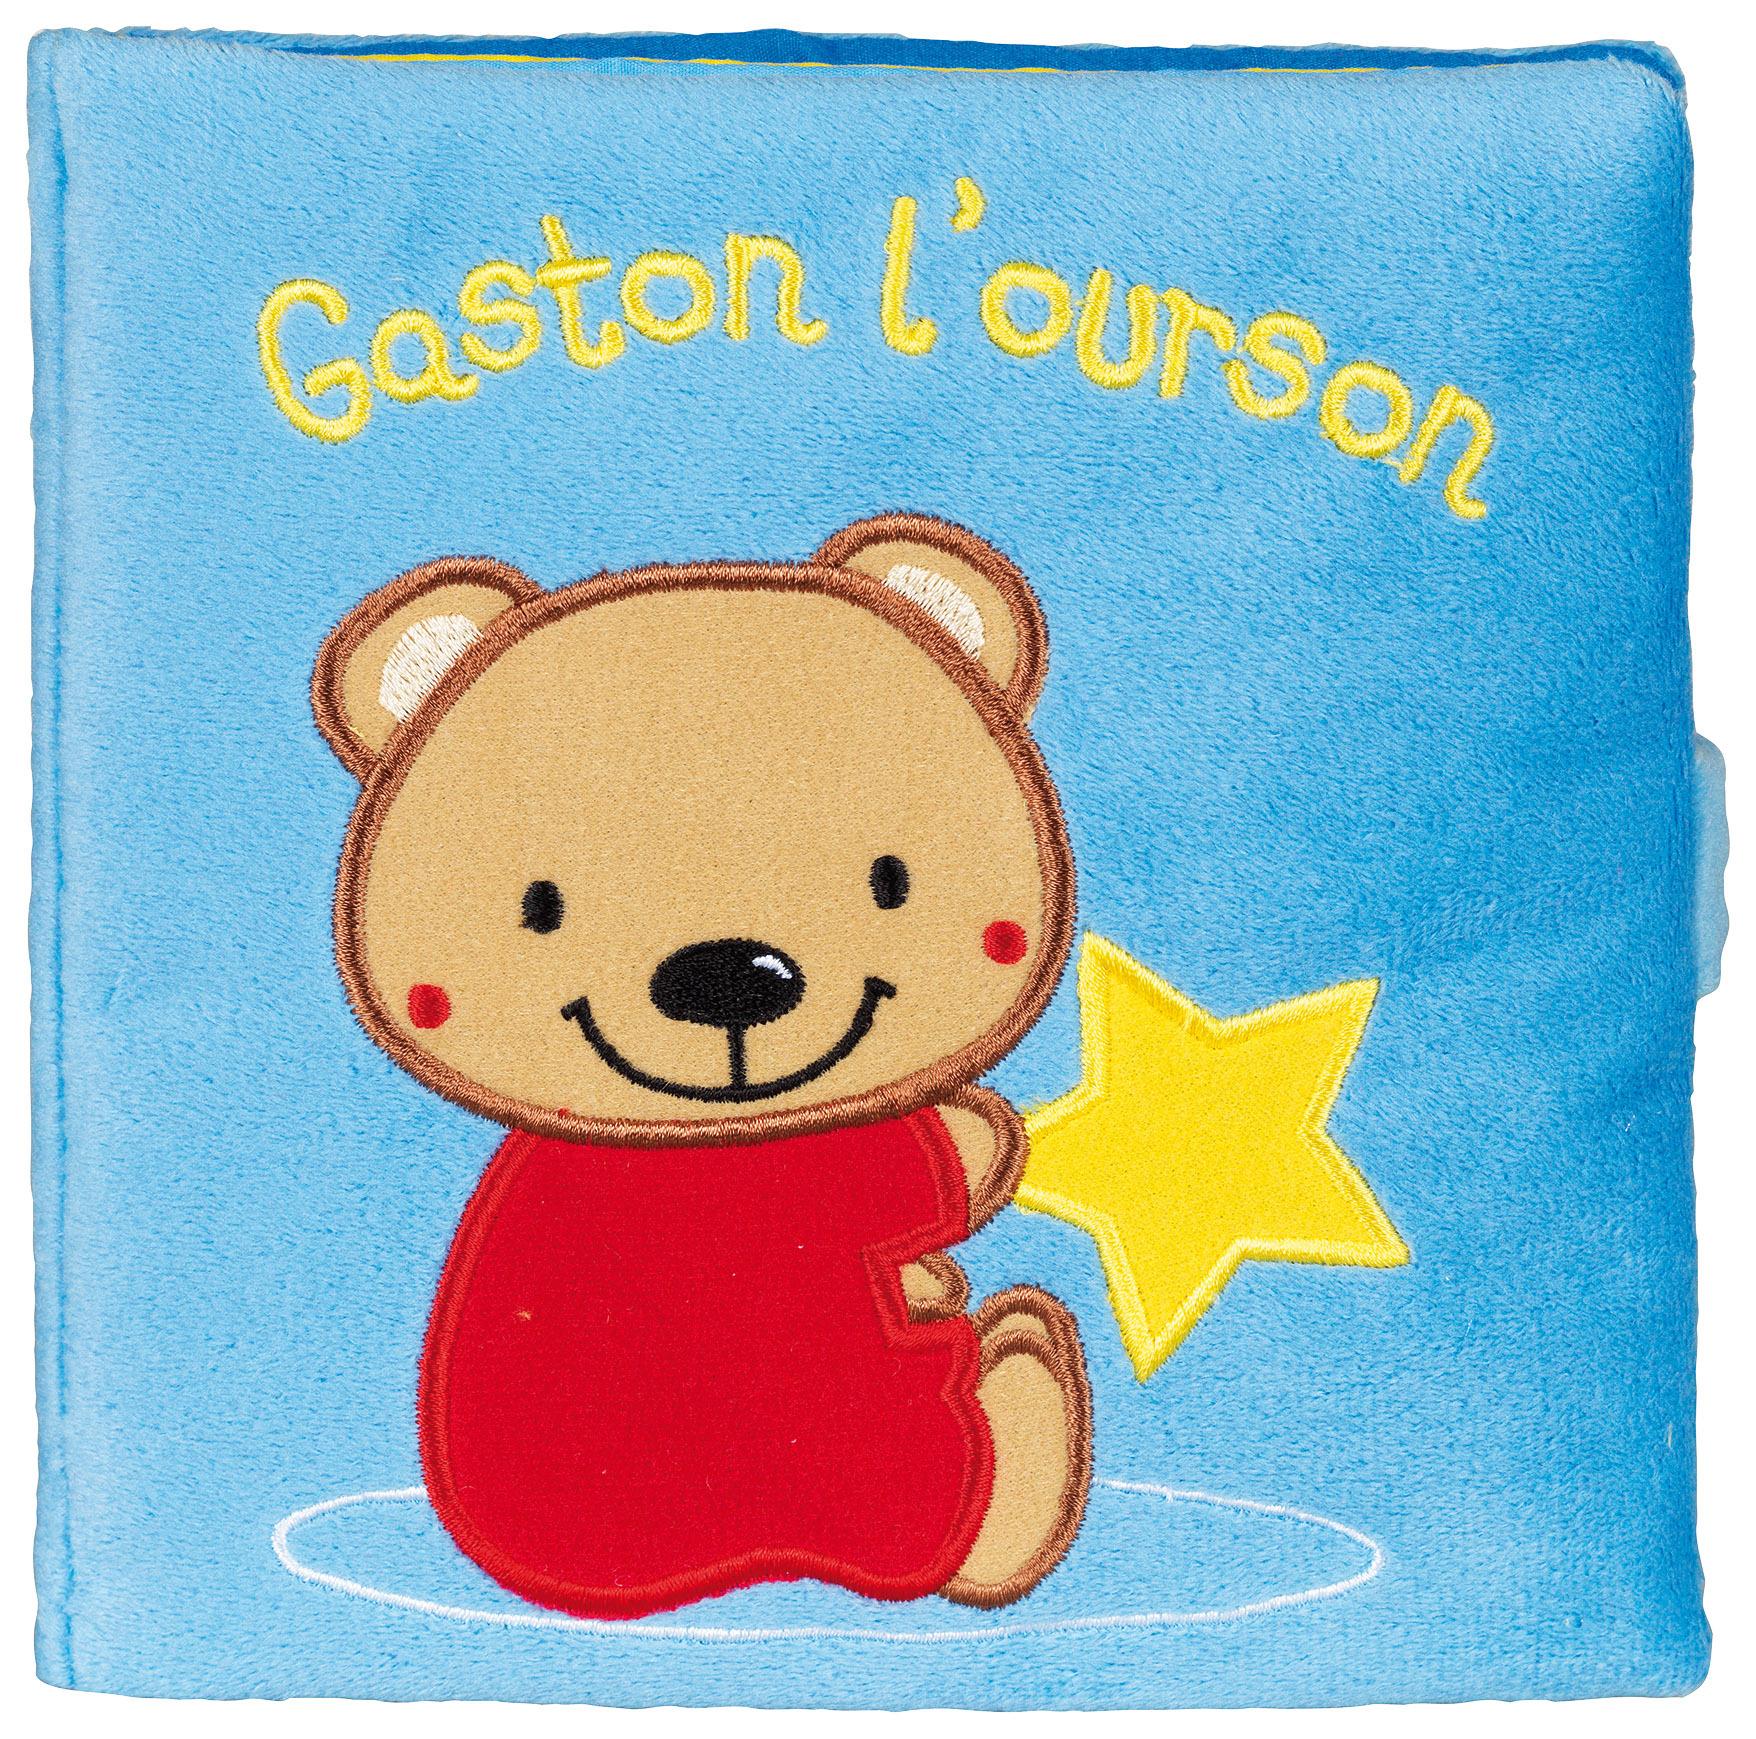 GASTON L'OURSON